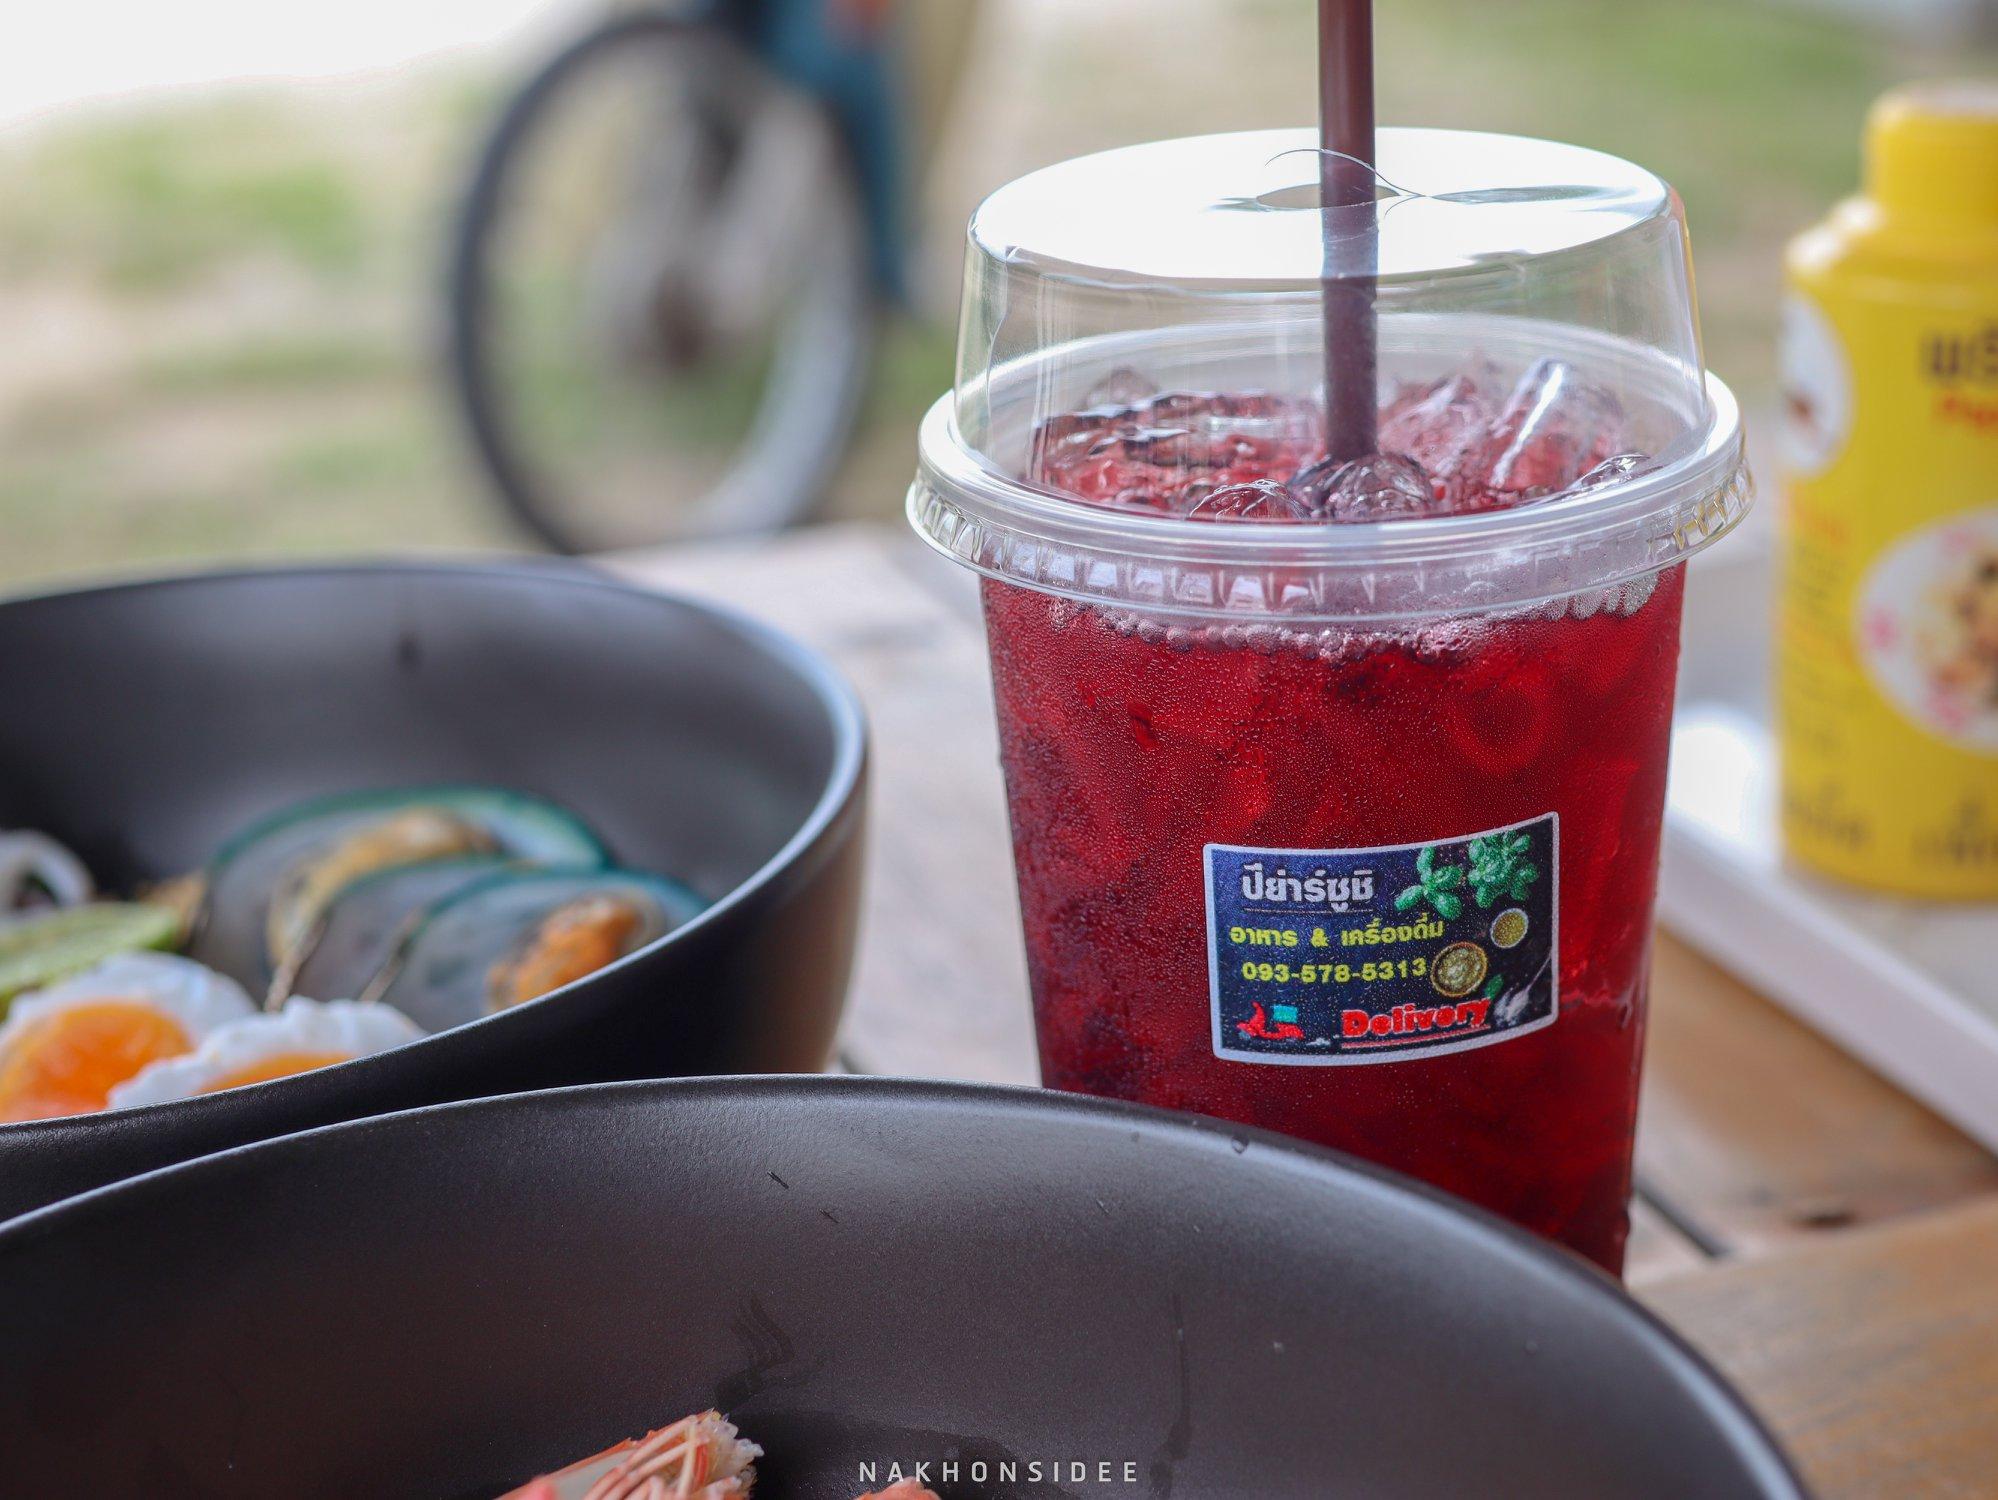 เครื่องดื่ม-แล้วแต่วันครับ แต่น้ำอัดลมมีครบนะ ร้านก๋วยเตี๋ยว,อร่อย,ท่าศาลา,ของกิน,ทะเล,ซีฟู๊ด,จัดเต็ม,ร้านลับๆ,นครศรี